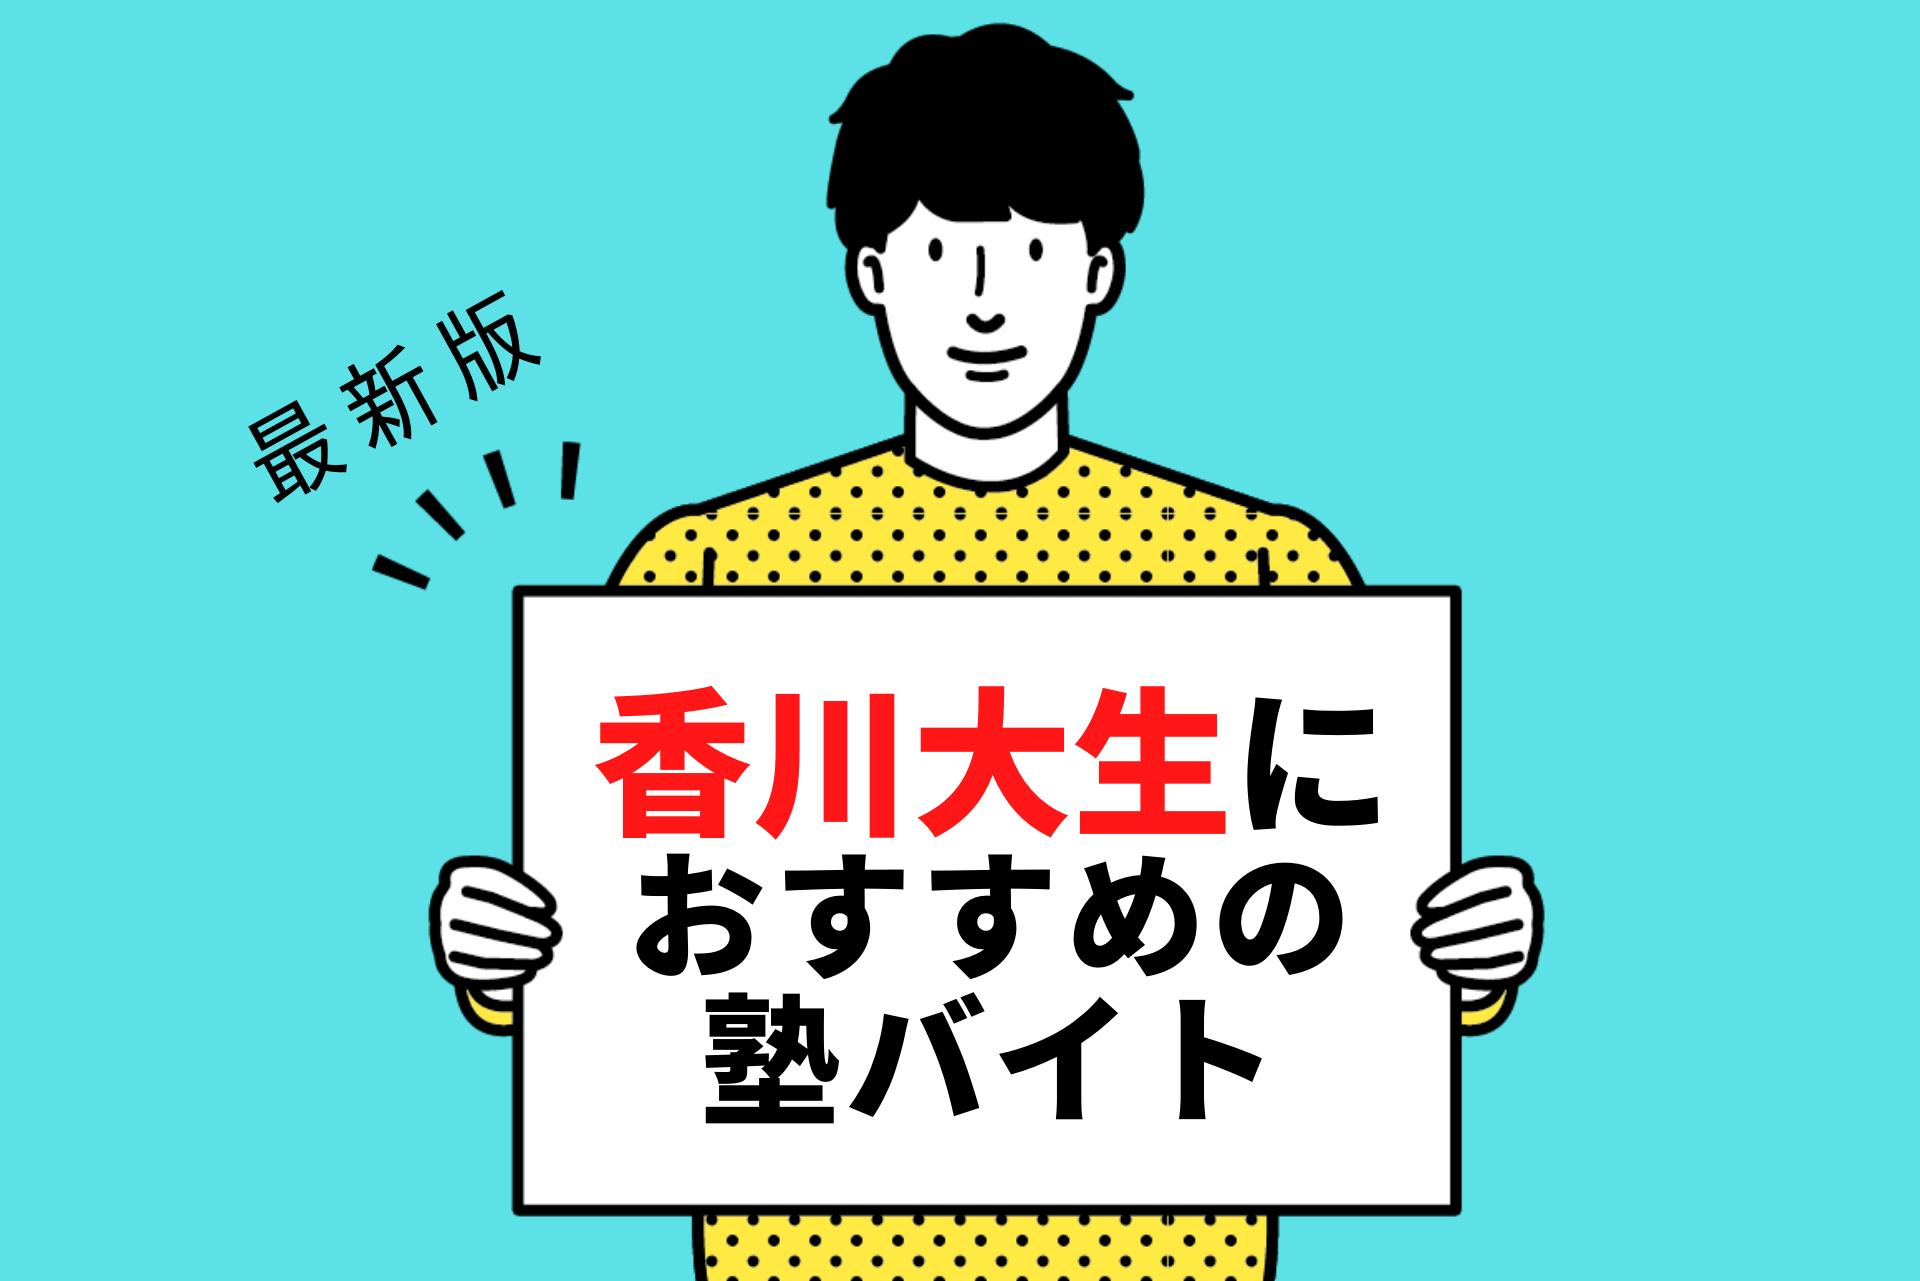 香川大学の学生さんにおすすめの塾